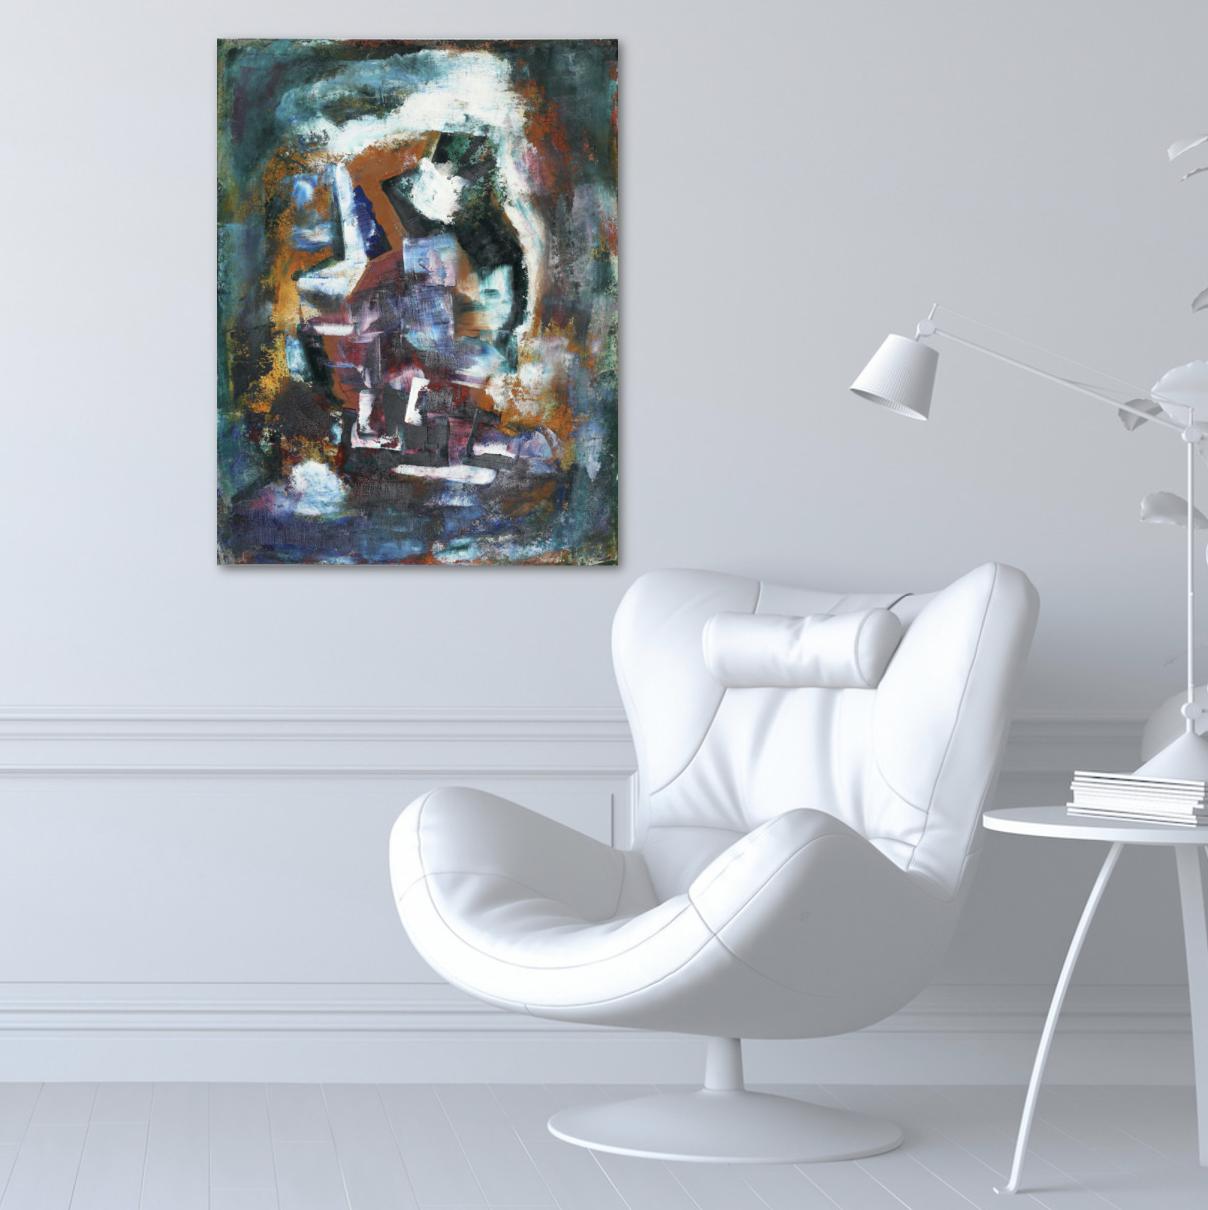 Купить картину в Минске фото Картина абстракция купить Изумрудный оранжевый 2020-I-13. В наличии